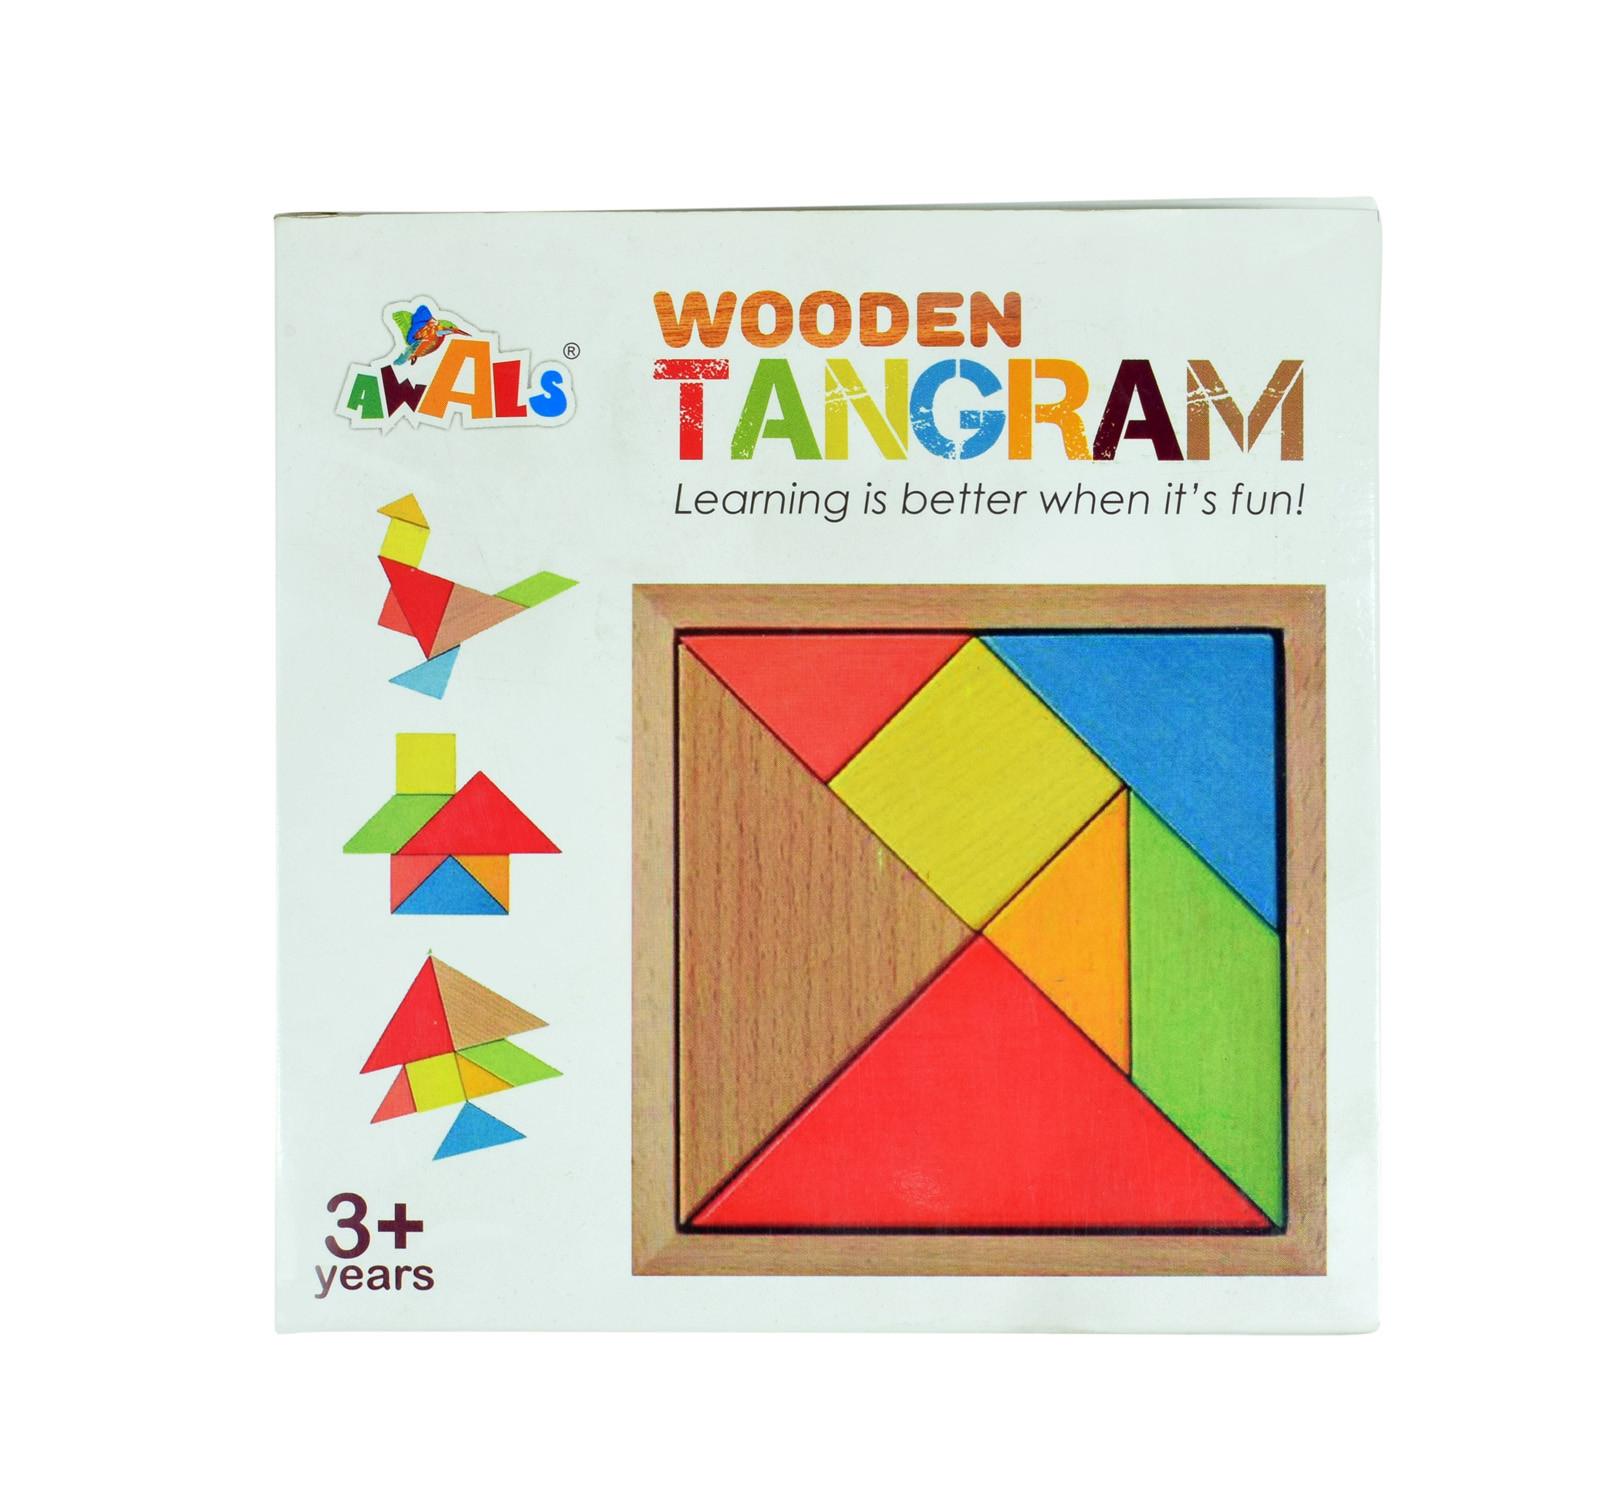 Awals Wooden Tangram Puzzle 7 Pieces - Multicolour à Pièces Tangram